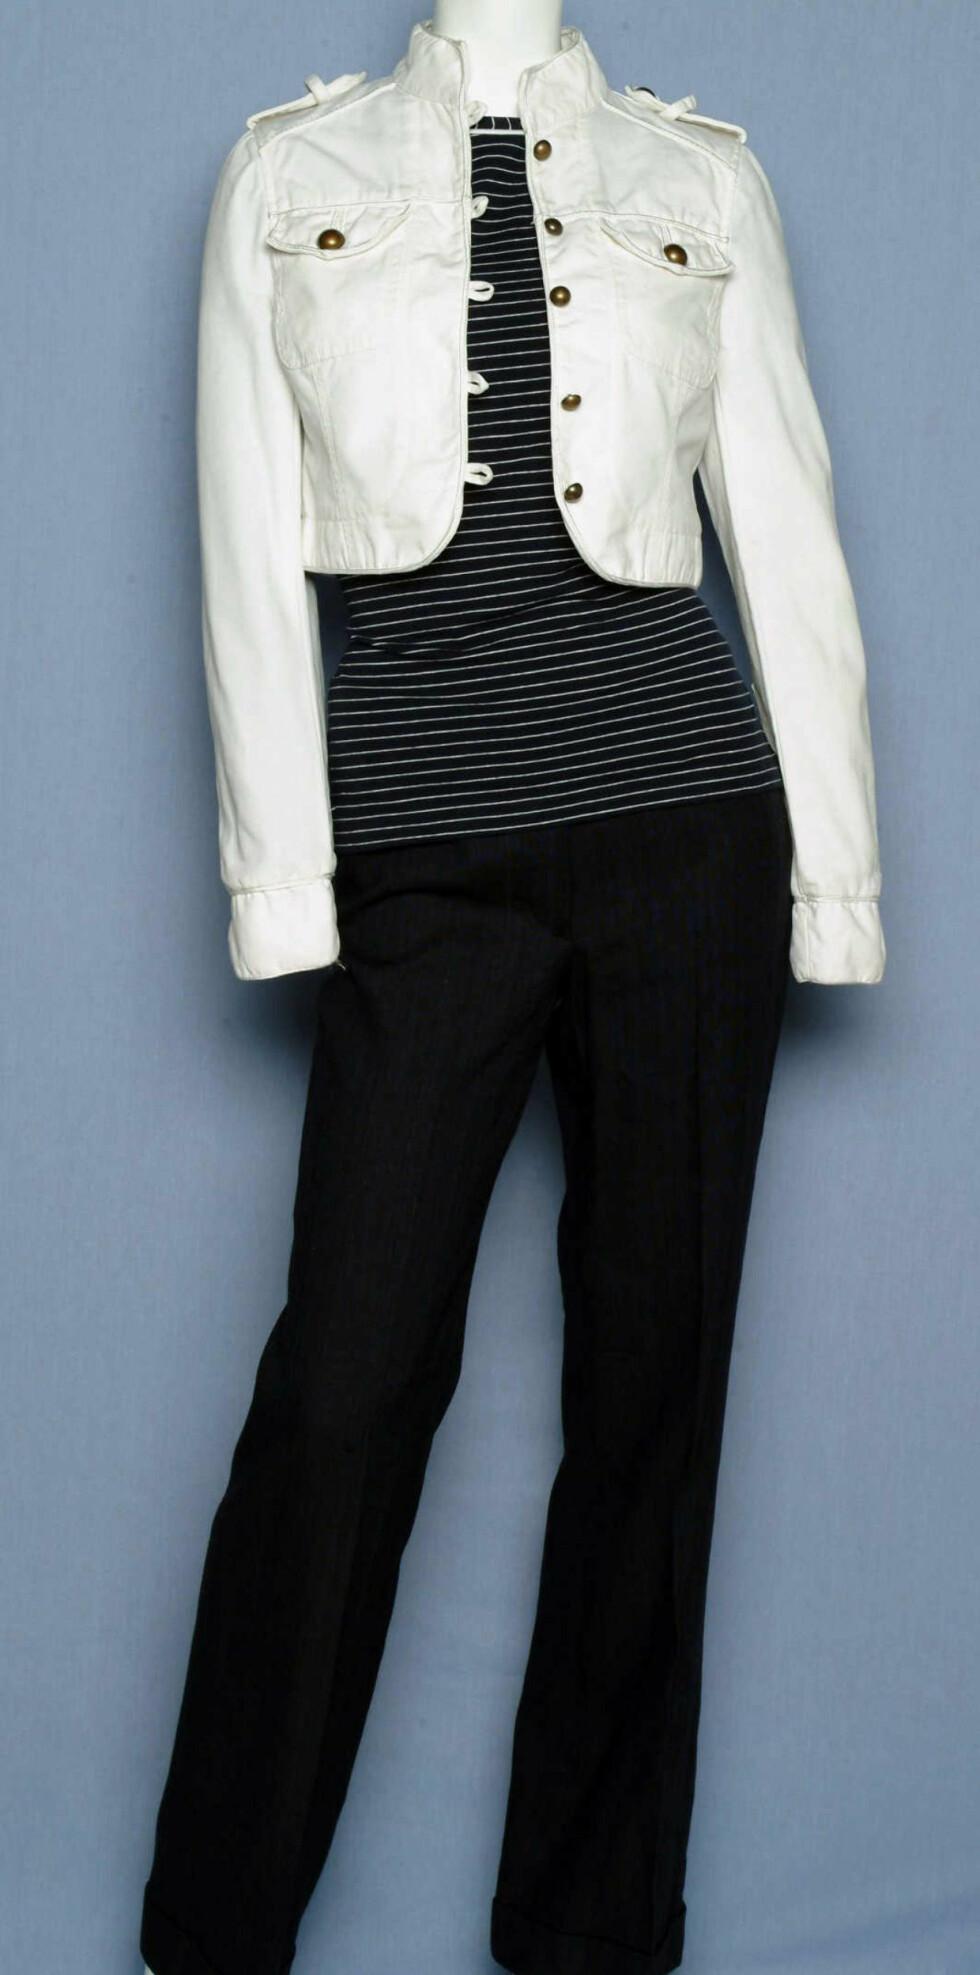 Jakke (kr 300, Cubus), T- skjorte (kr 250, Vivekes), bukse (kr 250, H&M)